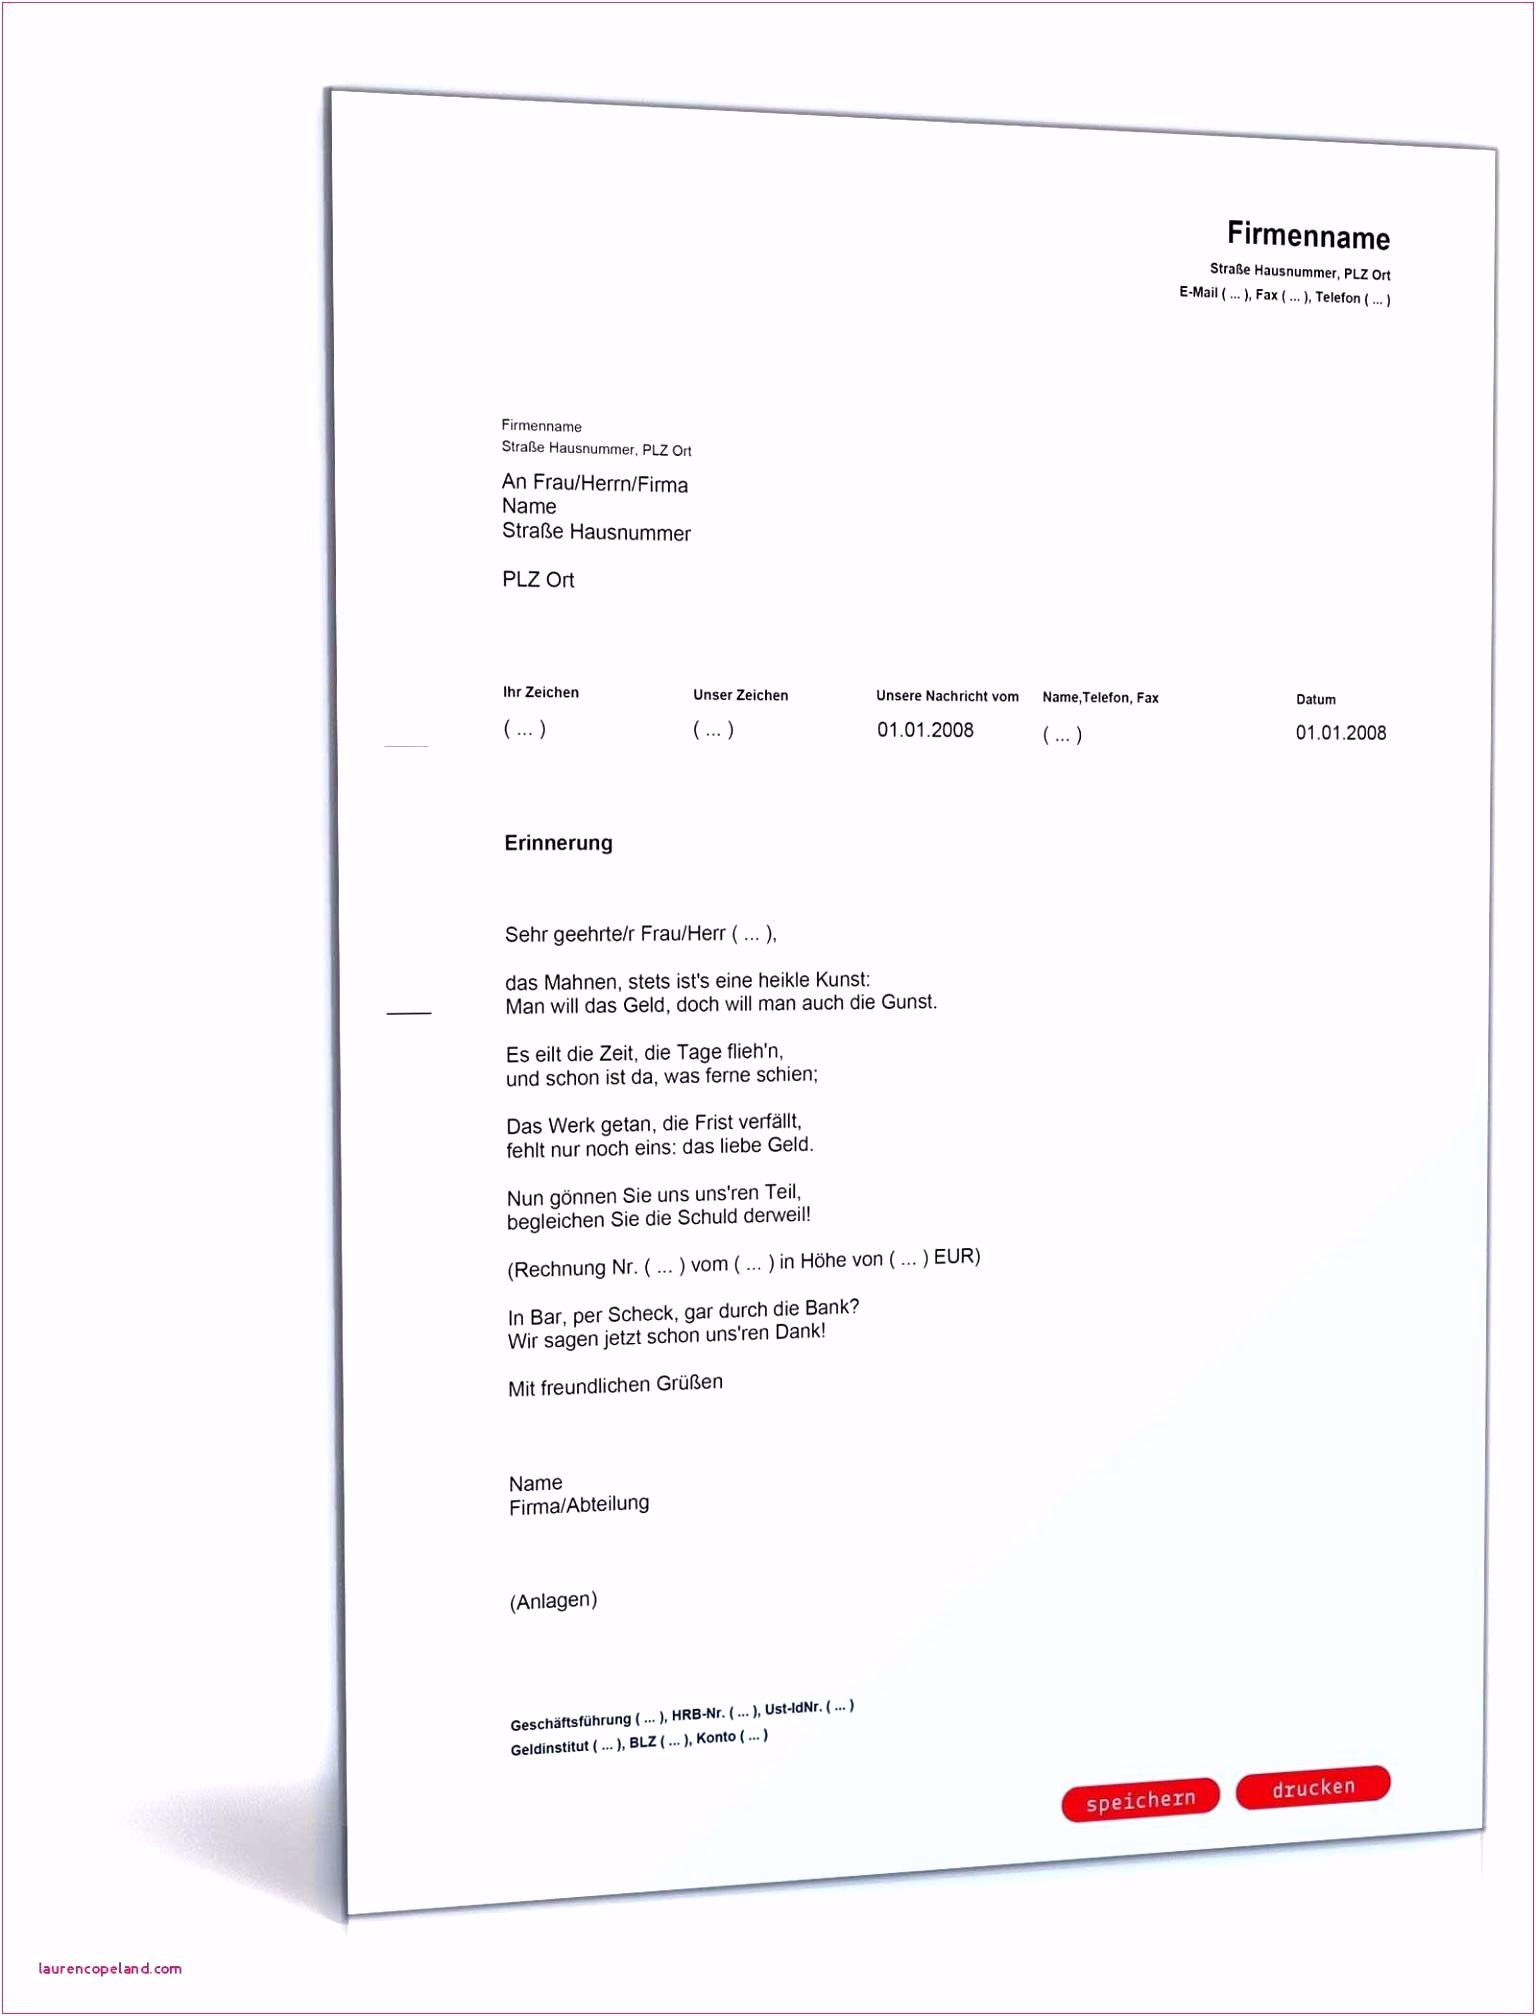 Testament Vorlagen Zum Ausdrucken Einfaches Testament Vorlage Widerruf Vorlage Laurencopeland N7ys10o4g4 C4qqv4wfn5